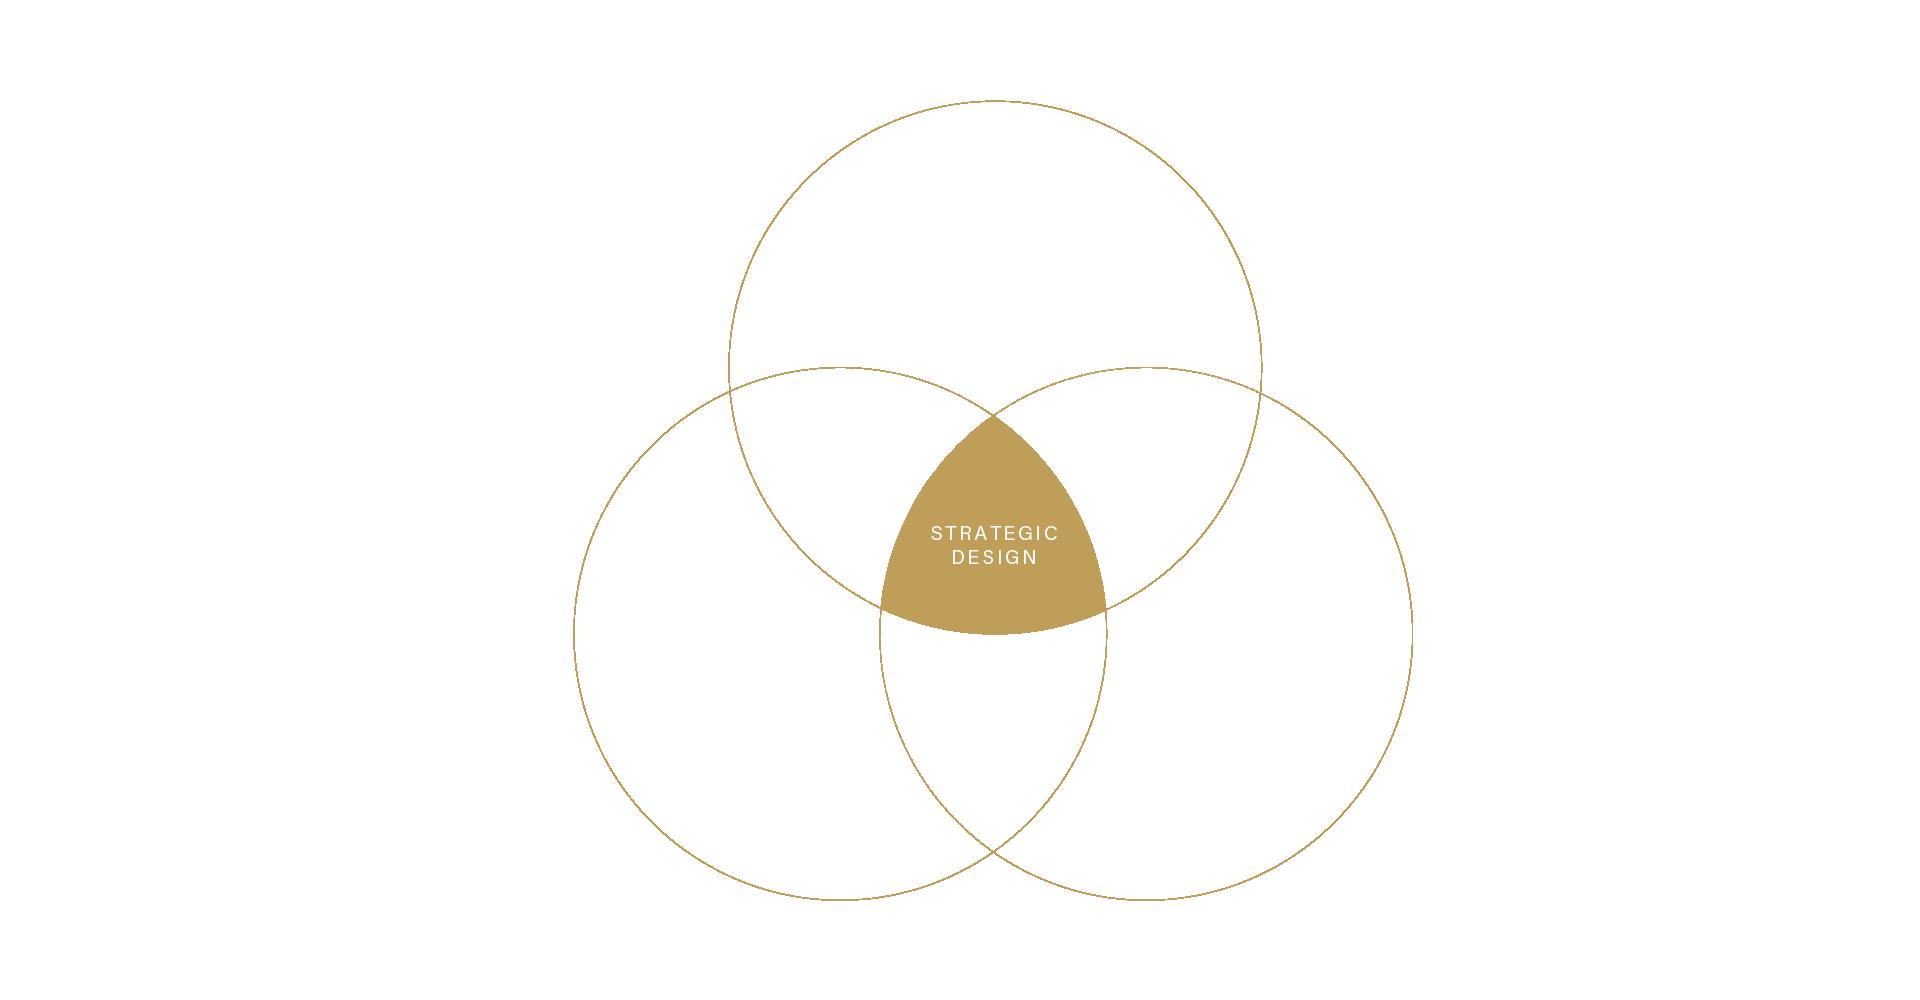 Vaengad services strategic design